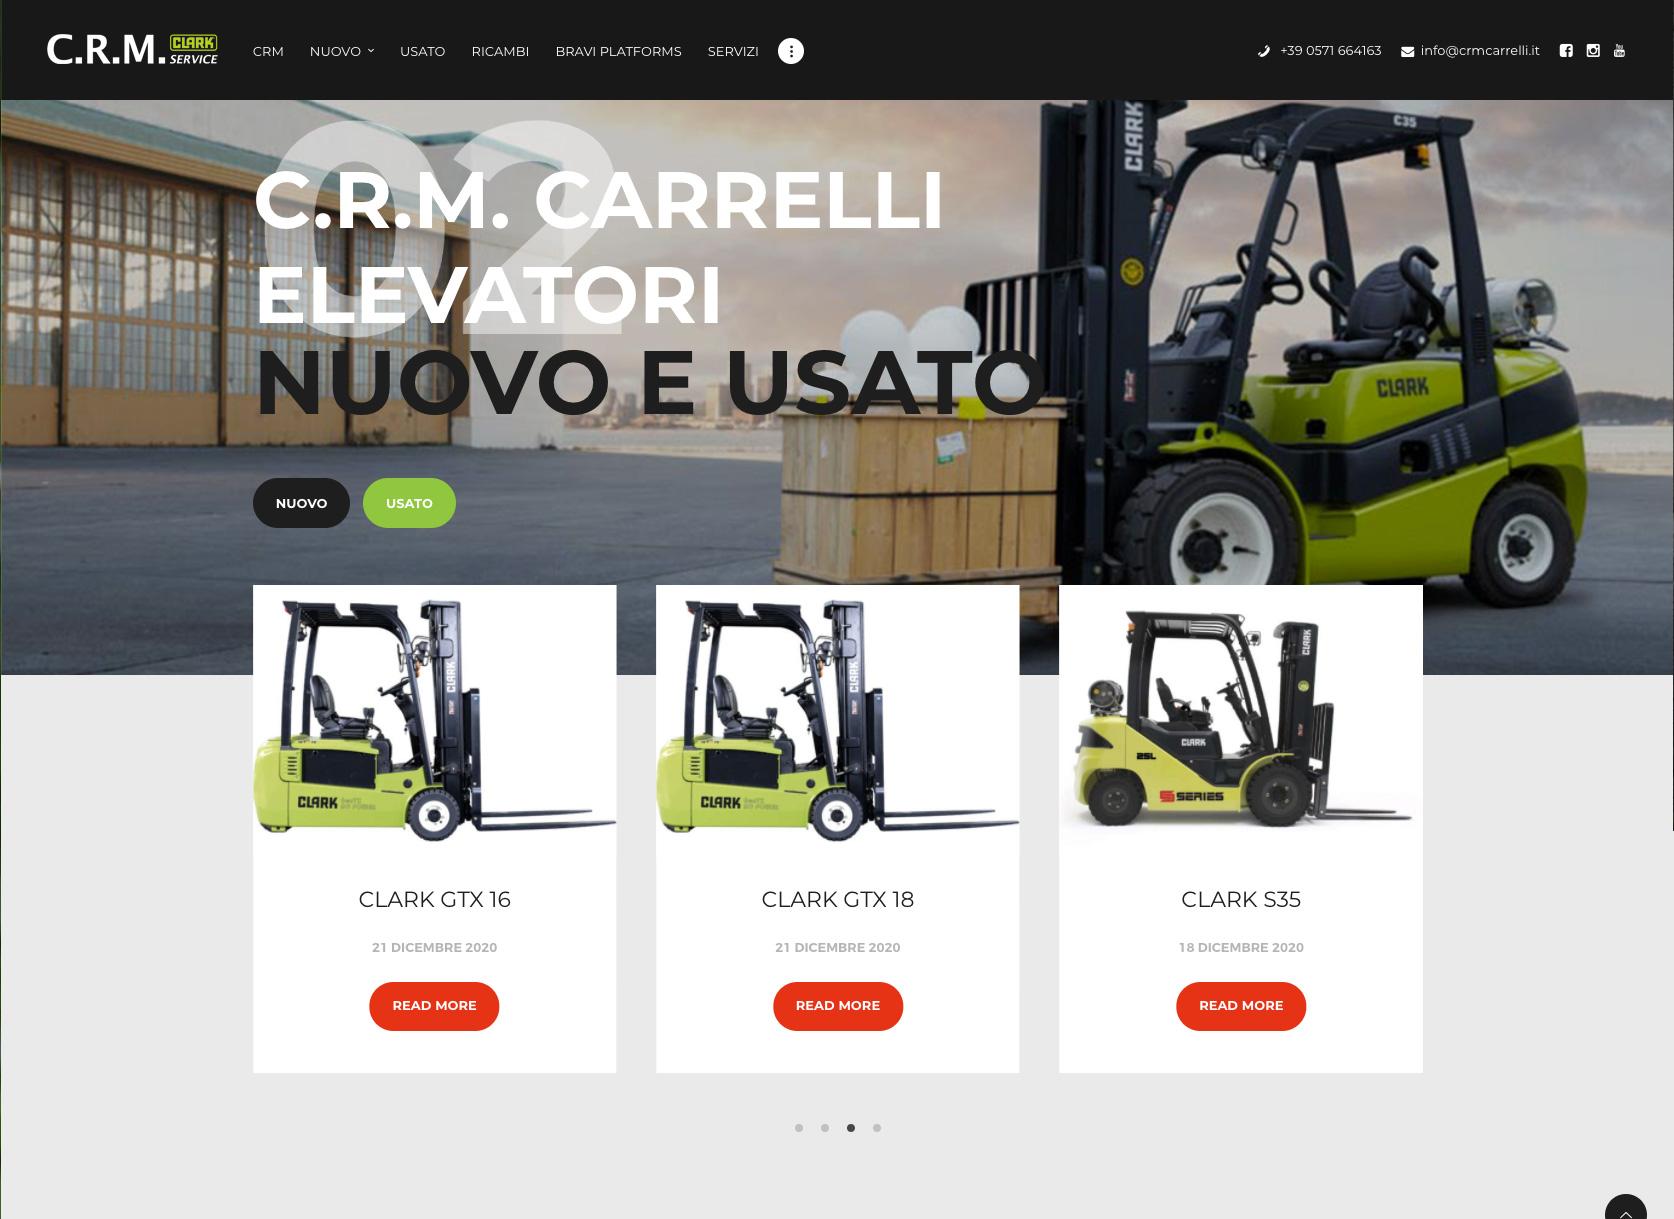 Sito web Wordpress CRM carrelli